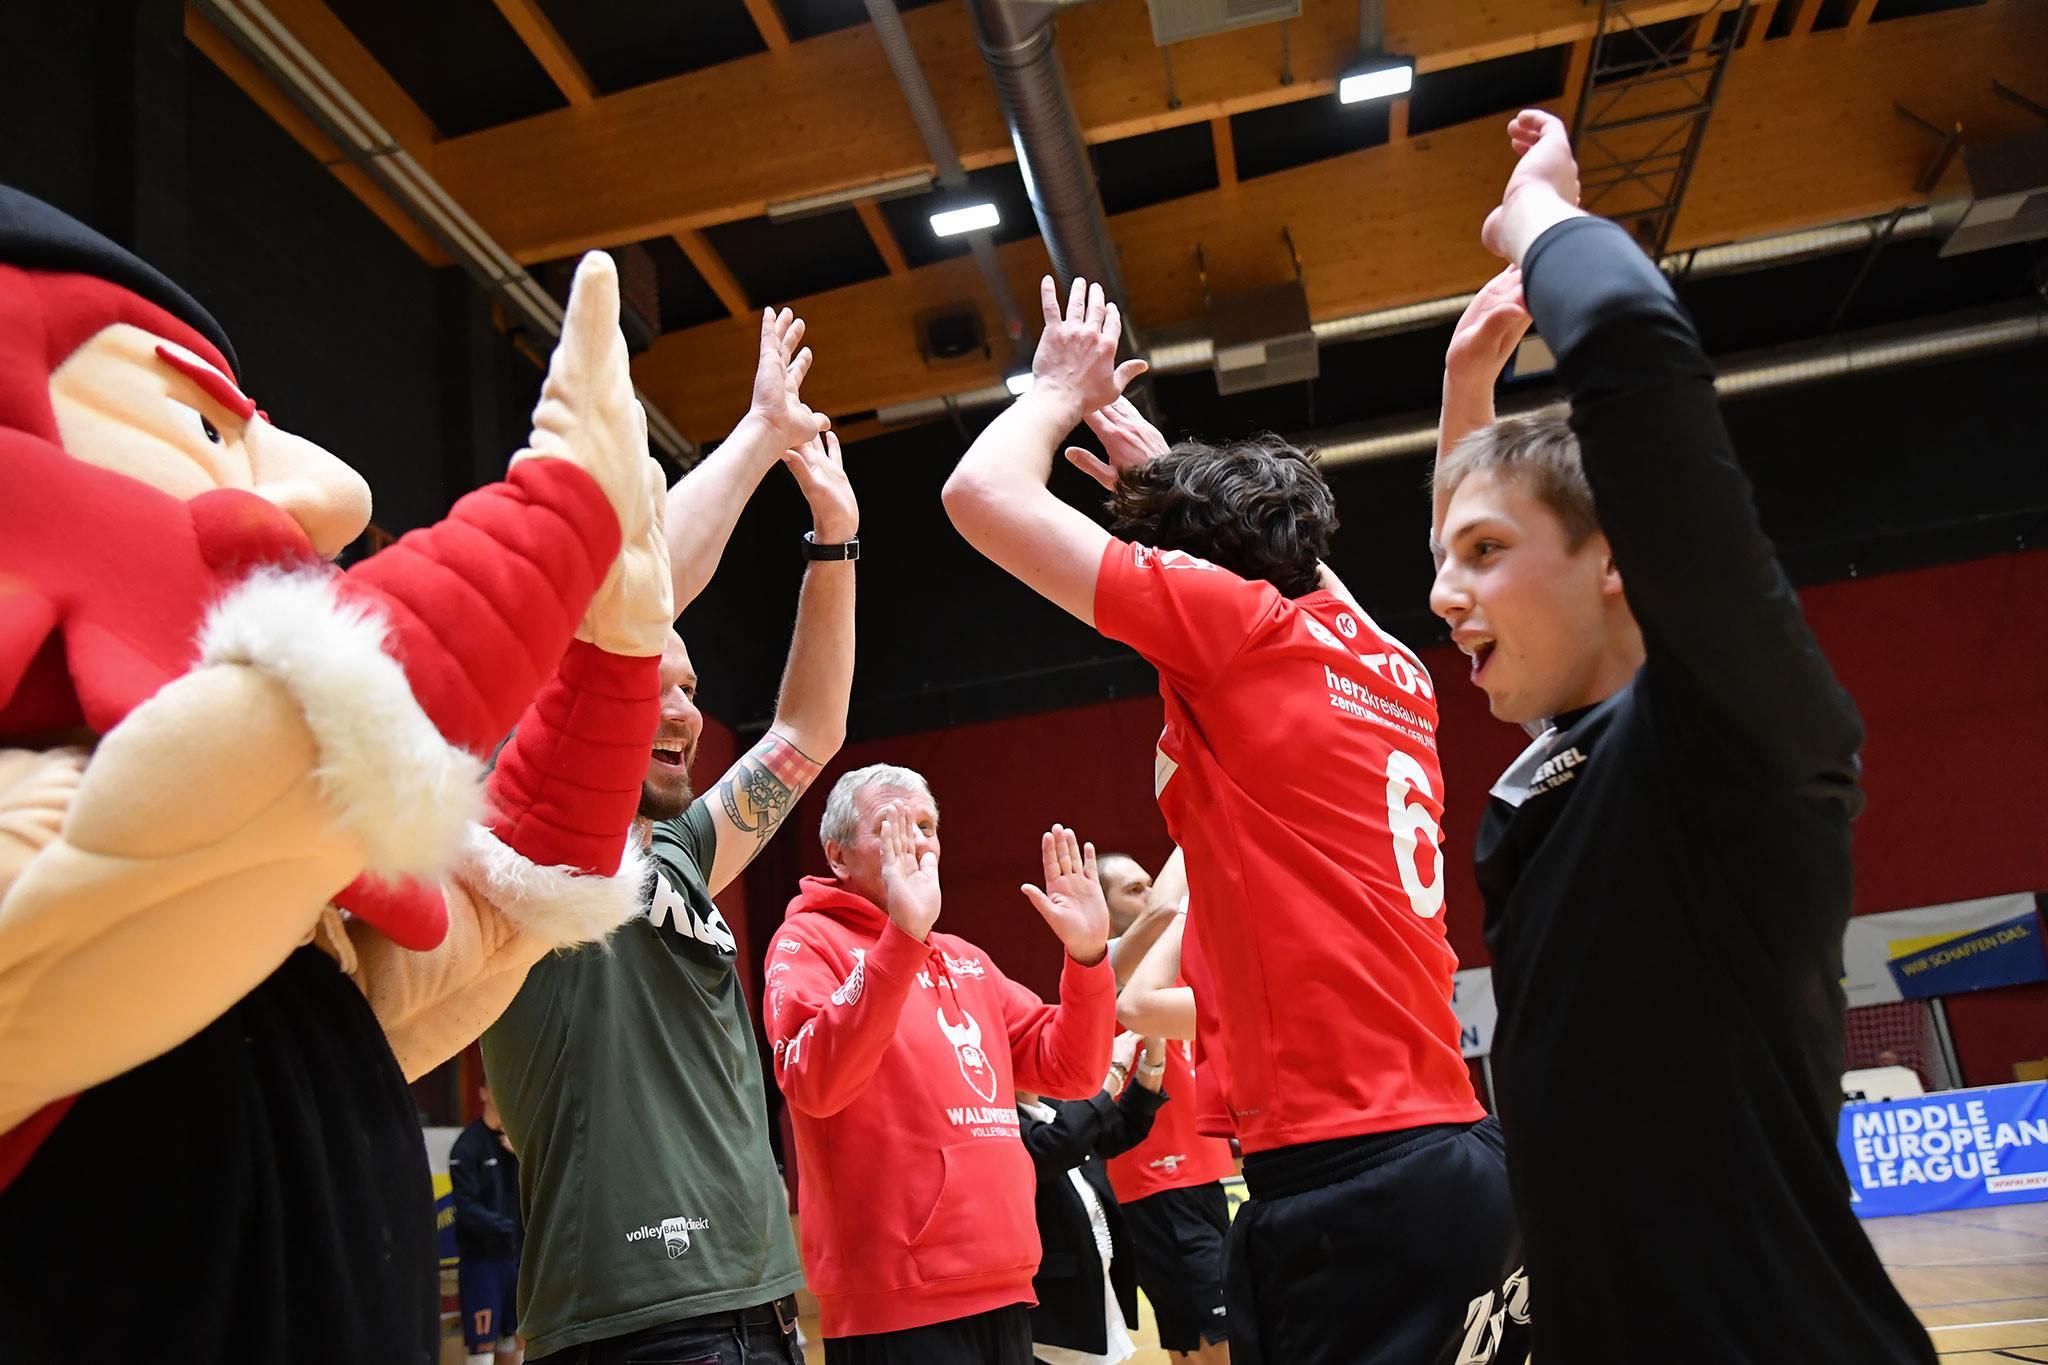 MEVZA Final 4 garantiert Spitzenvolleyball in der Stadthalle Zwettl